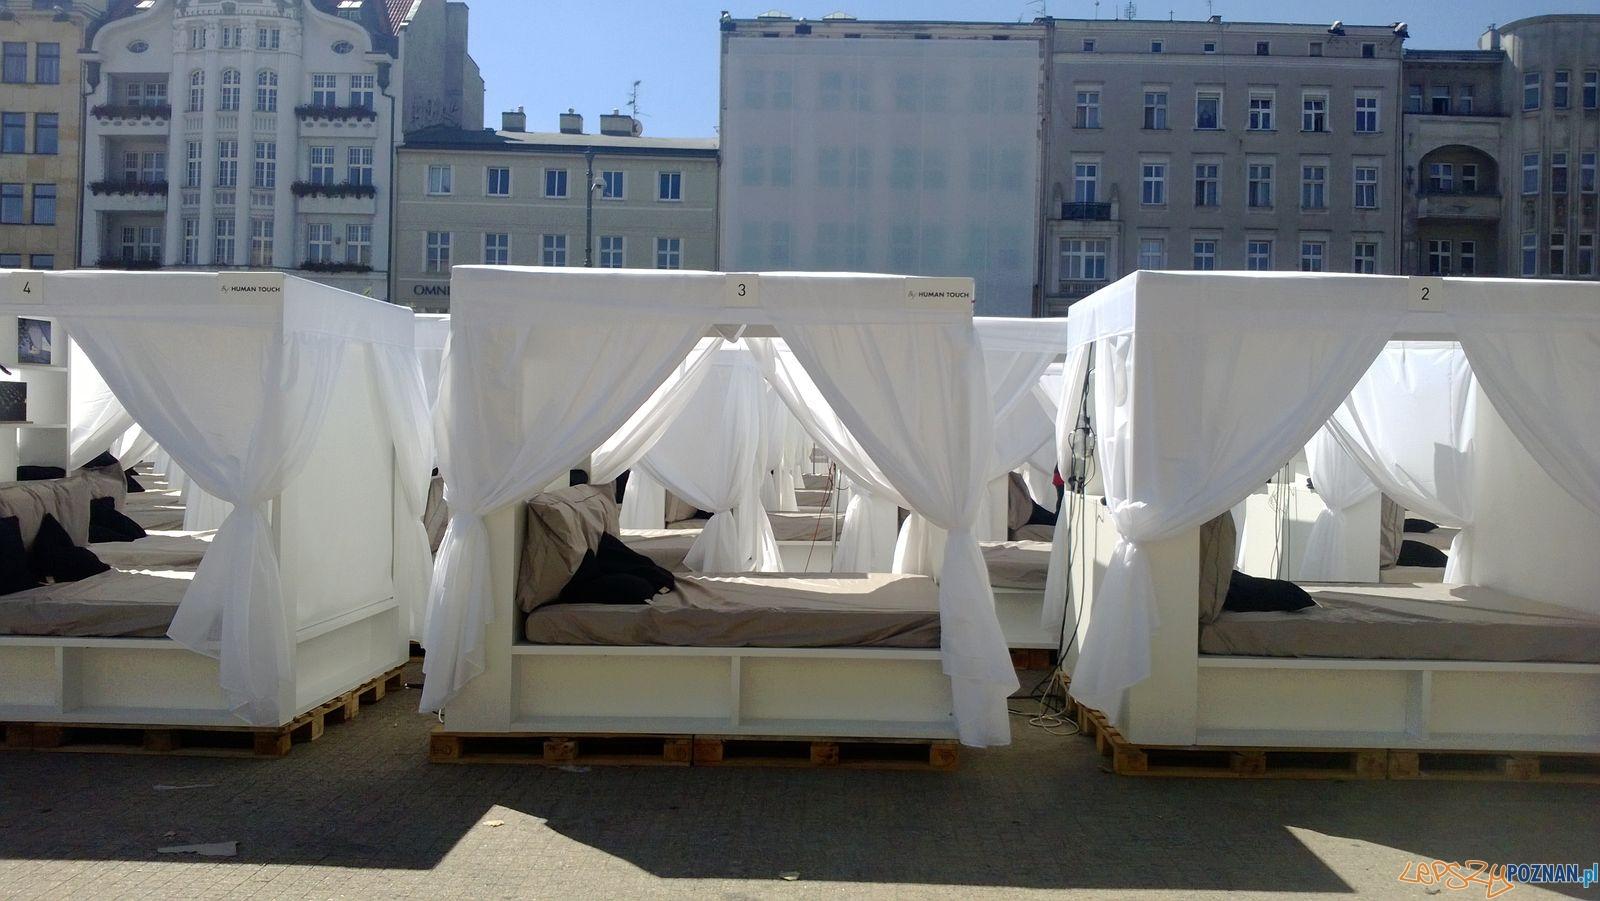 Kino łożkowe na Placu Wolności  Foto: Tomasz Dworek